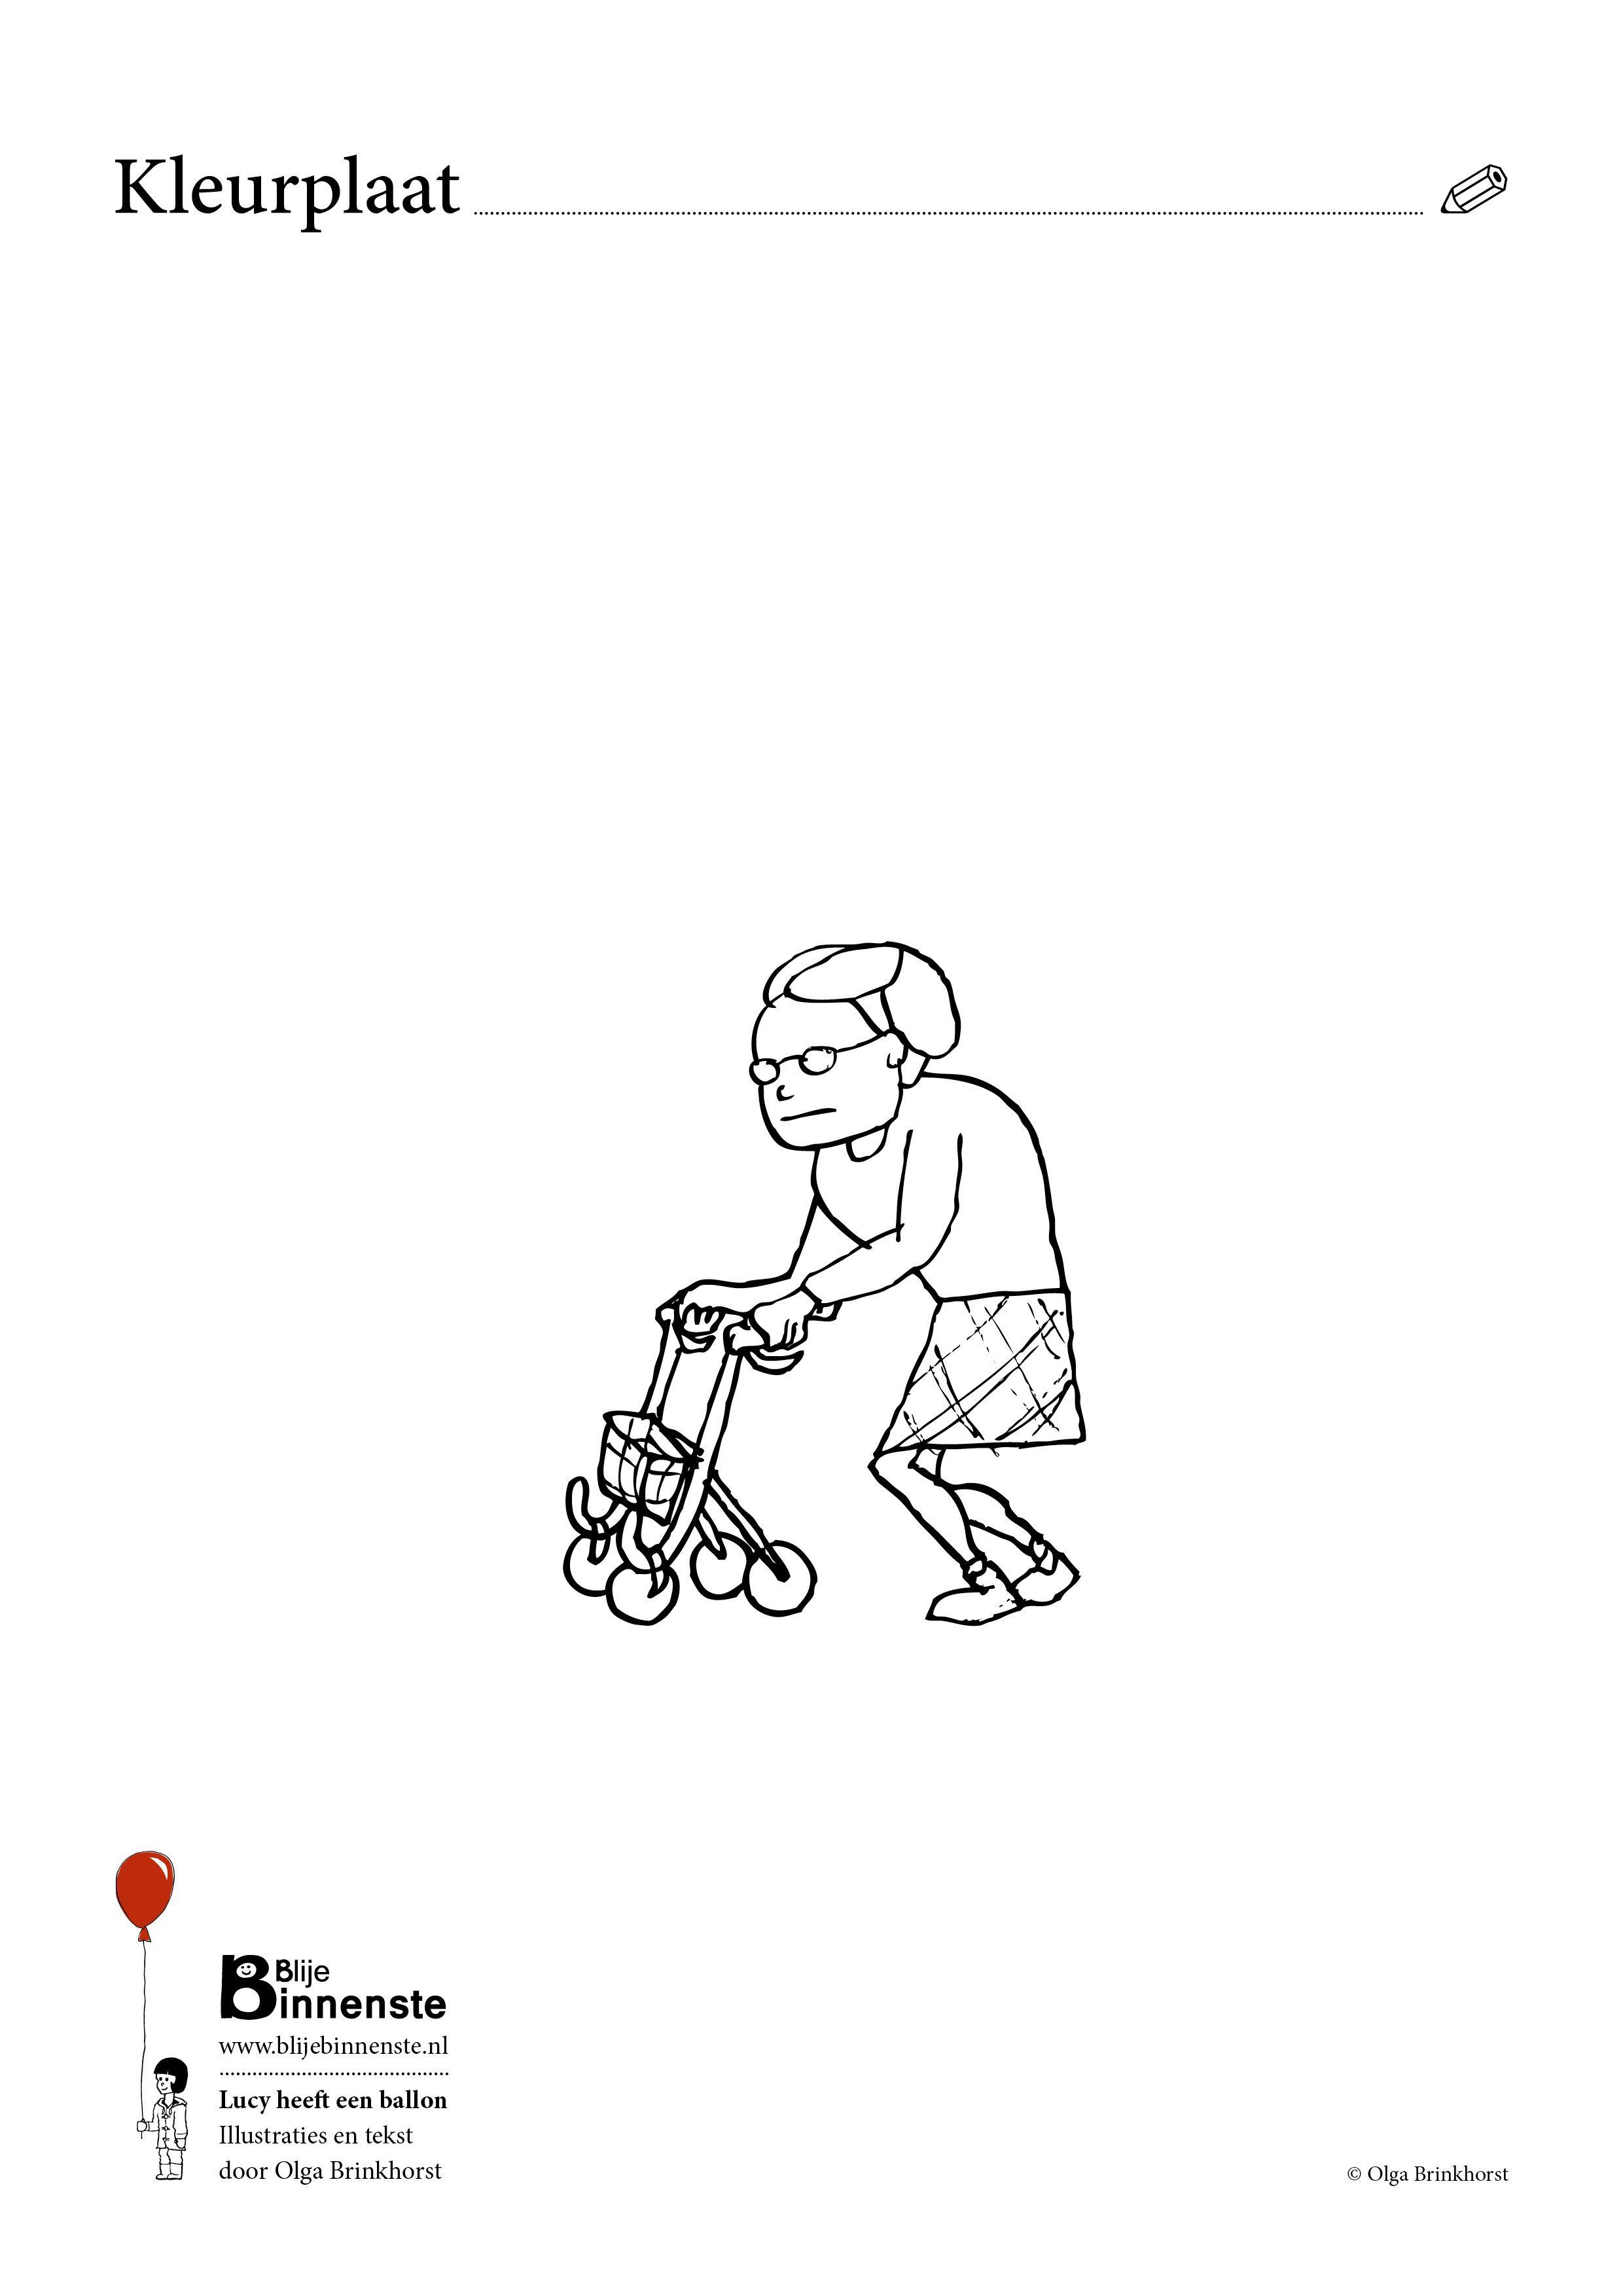 Geniaal Kleurplaat Ijscoman Klupaats Download